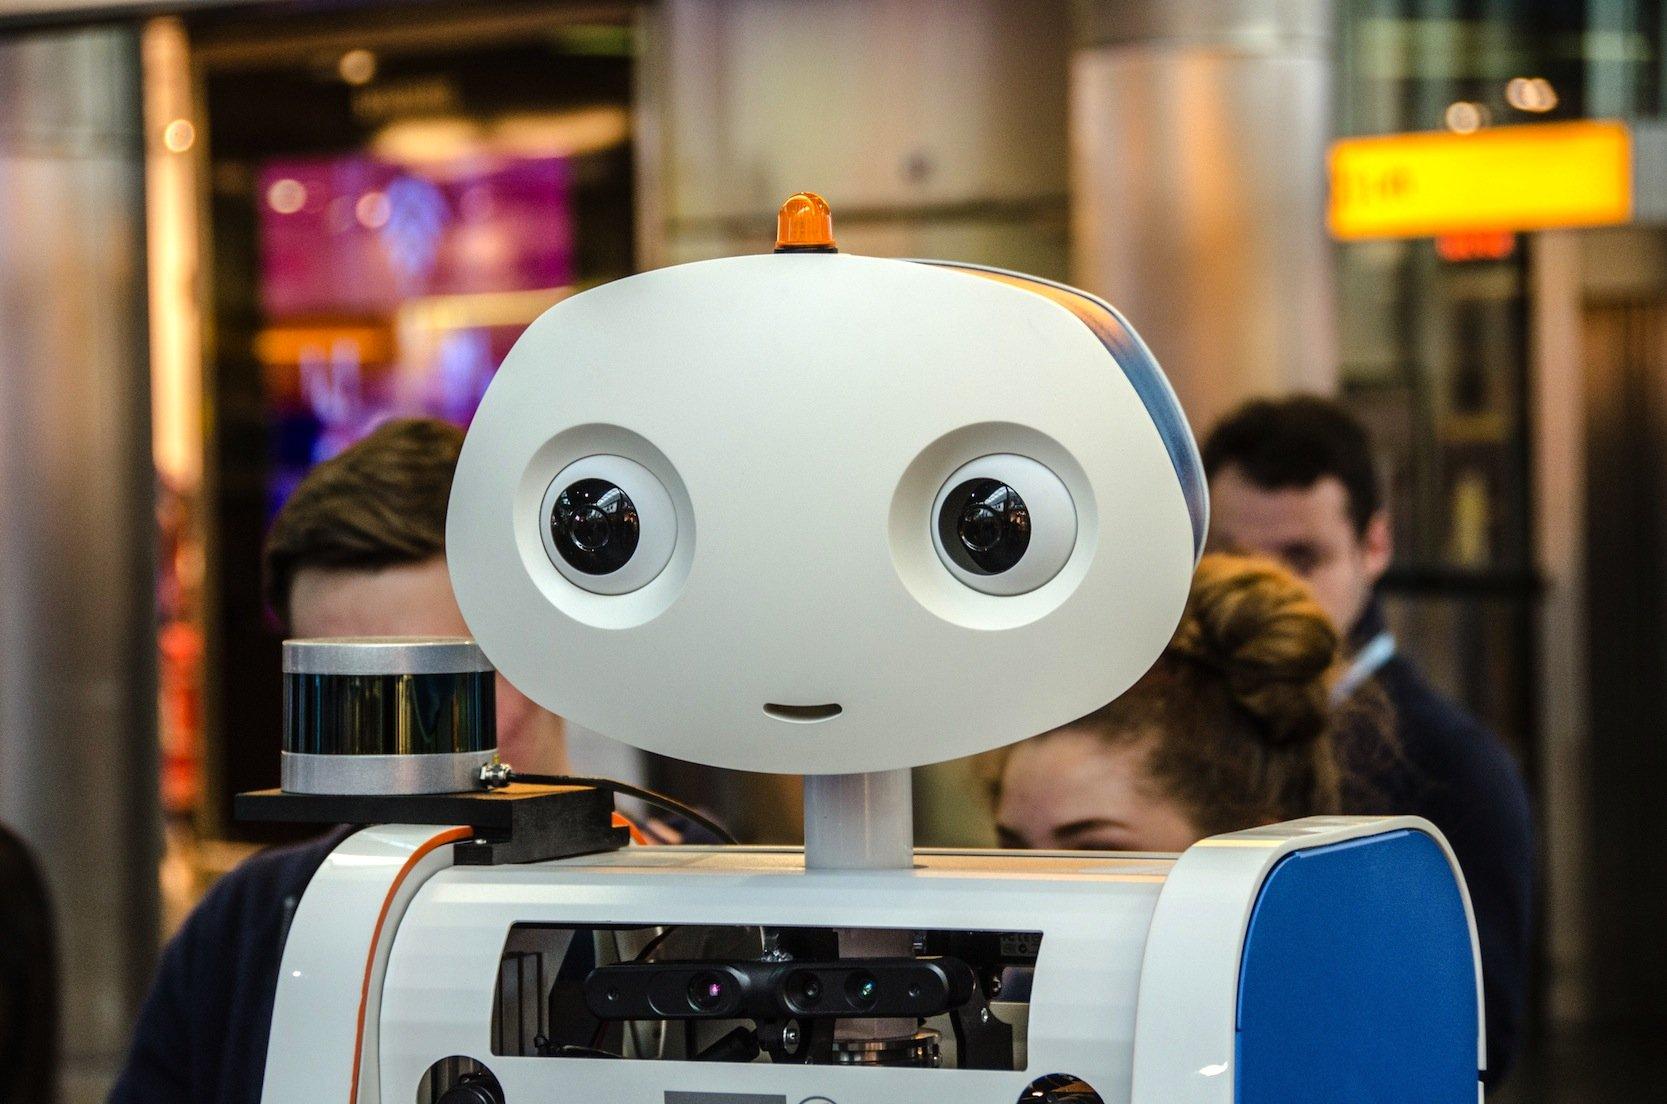 Der Roboter Spencer ist mit zwei 2D-Laserscannern, einem 3D-Laserscanner bestückt und hat gleich vier Asus Tiefendetektoren an Bord. Zudem verfügt er über zwei Stereokameras und einen Berührungssensor.